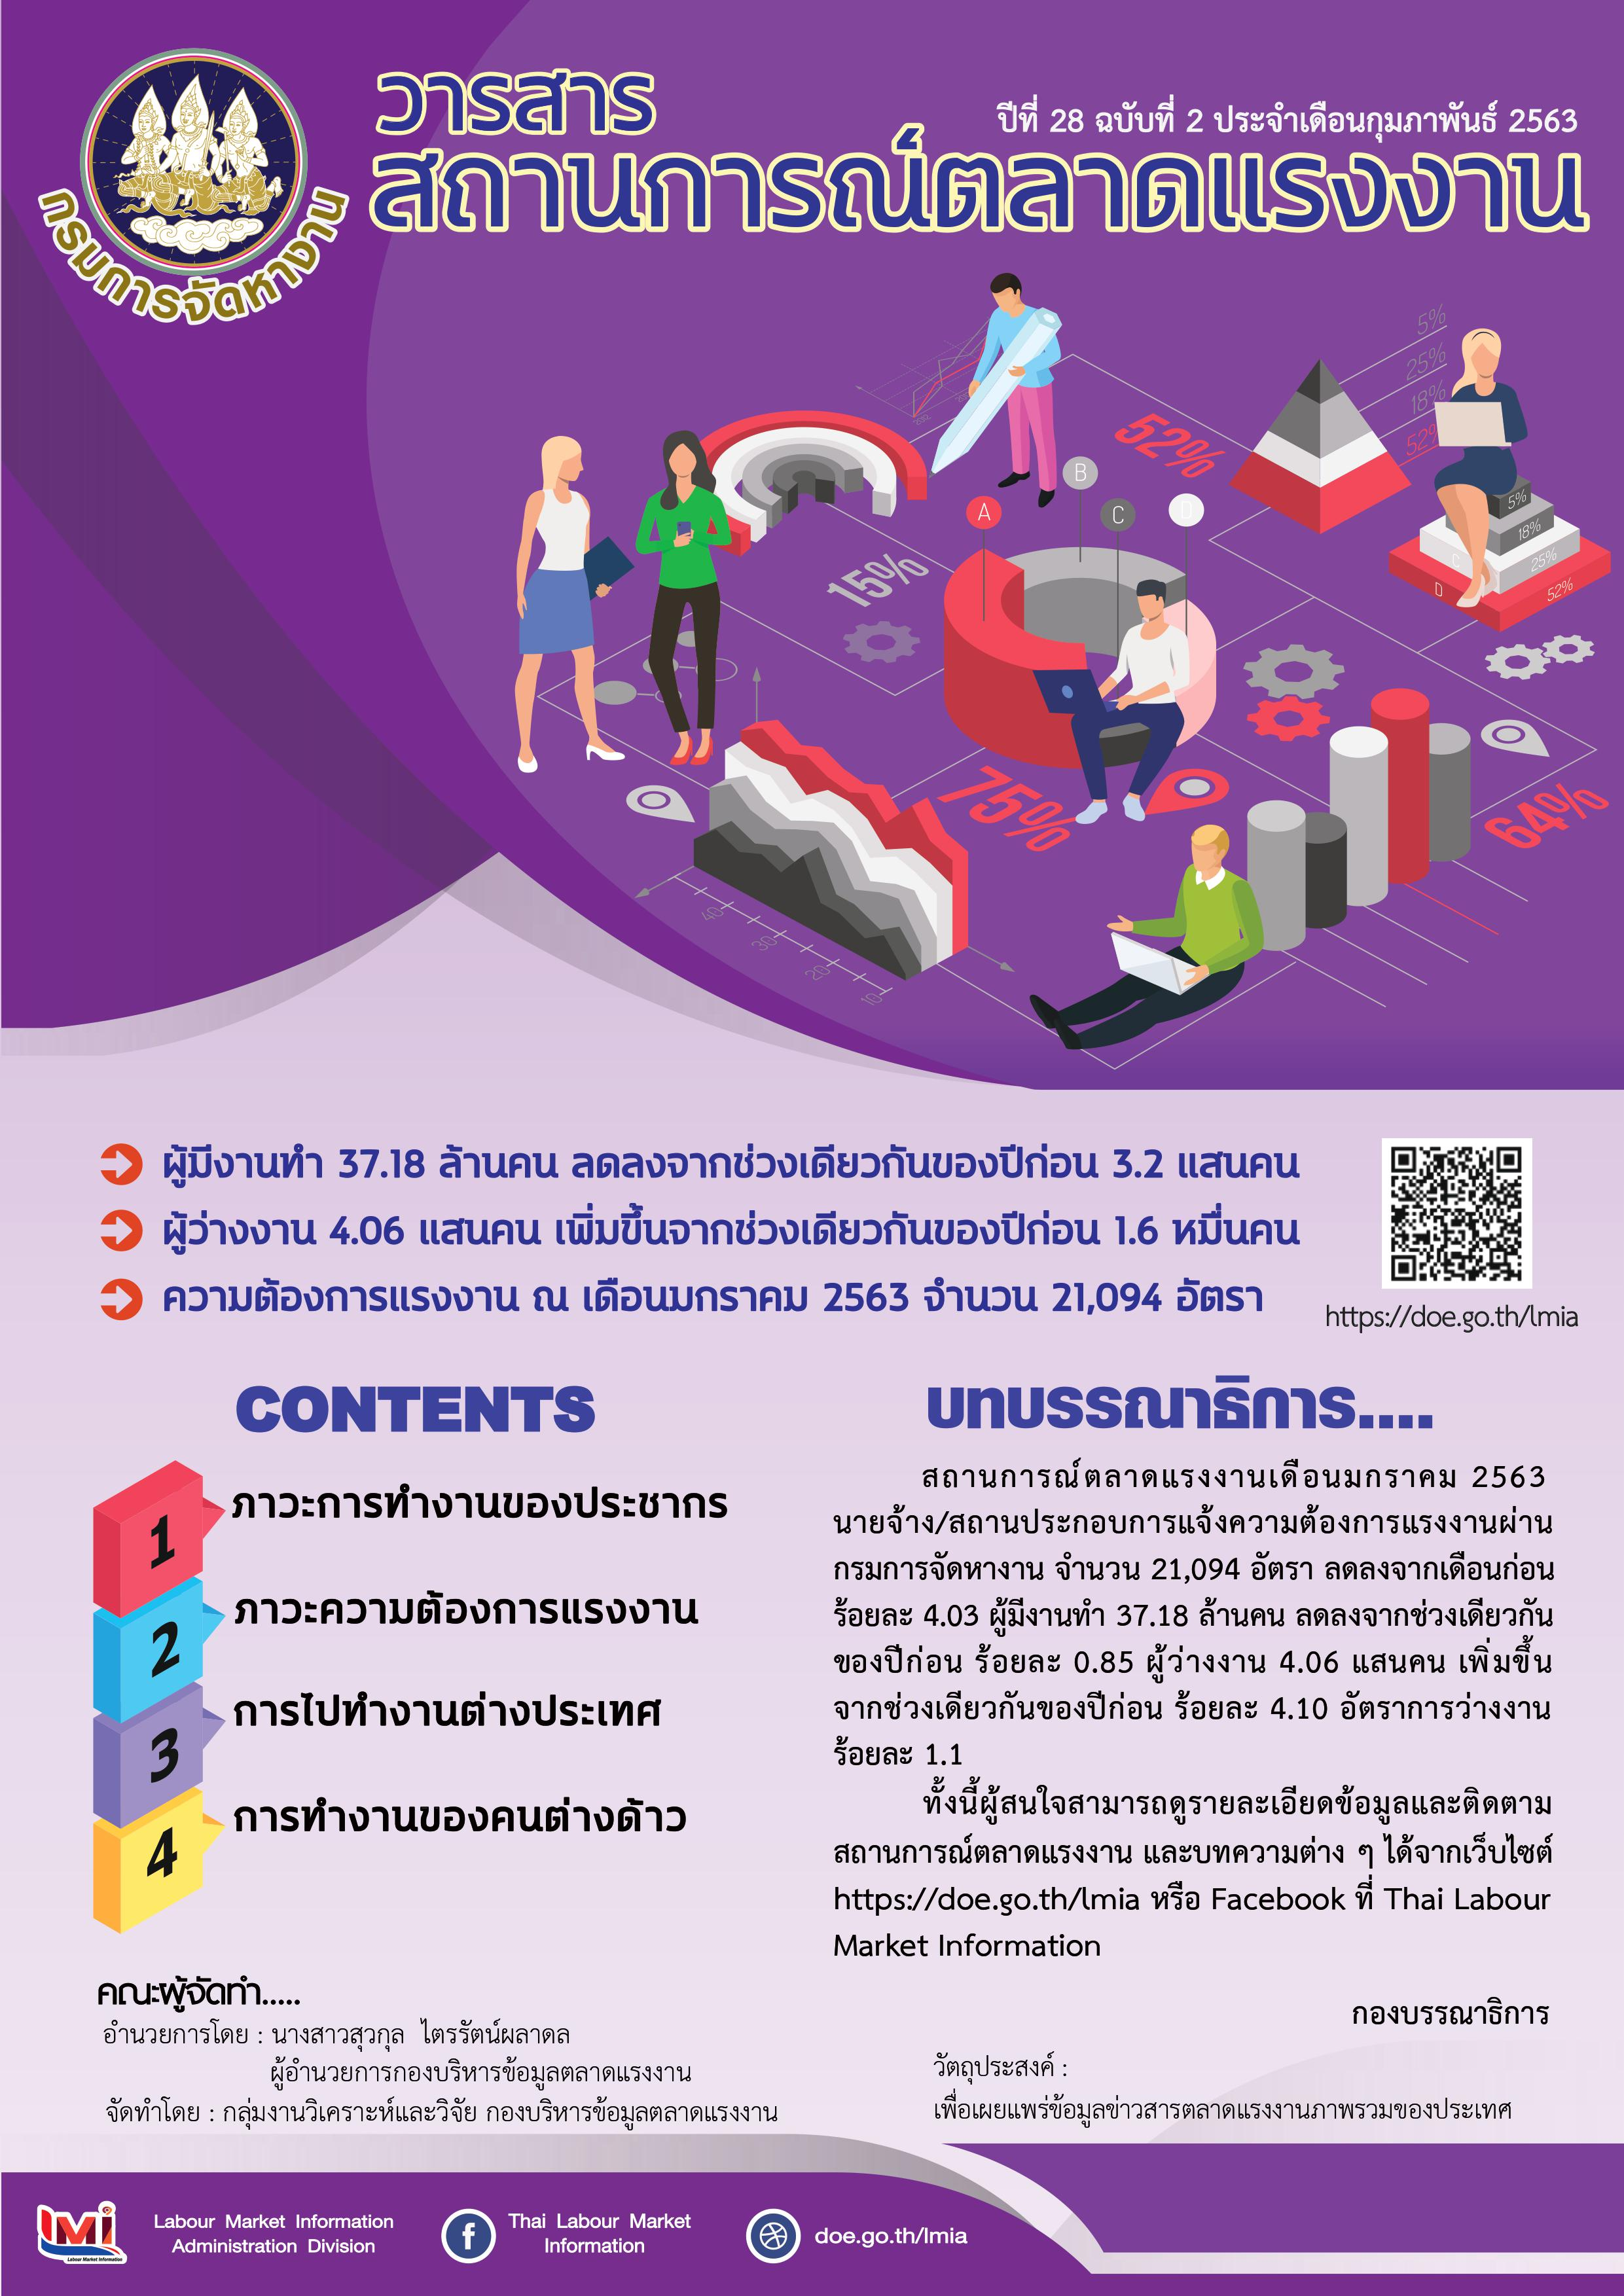 วารสารสถานการณ์ตลาดแรงงานประจำเดือนกุมภาพันธ์ 2563